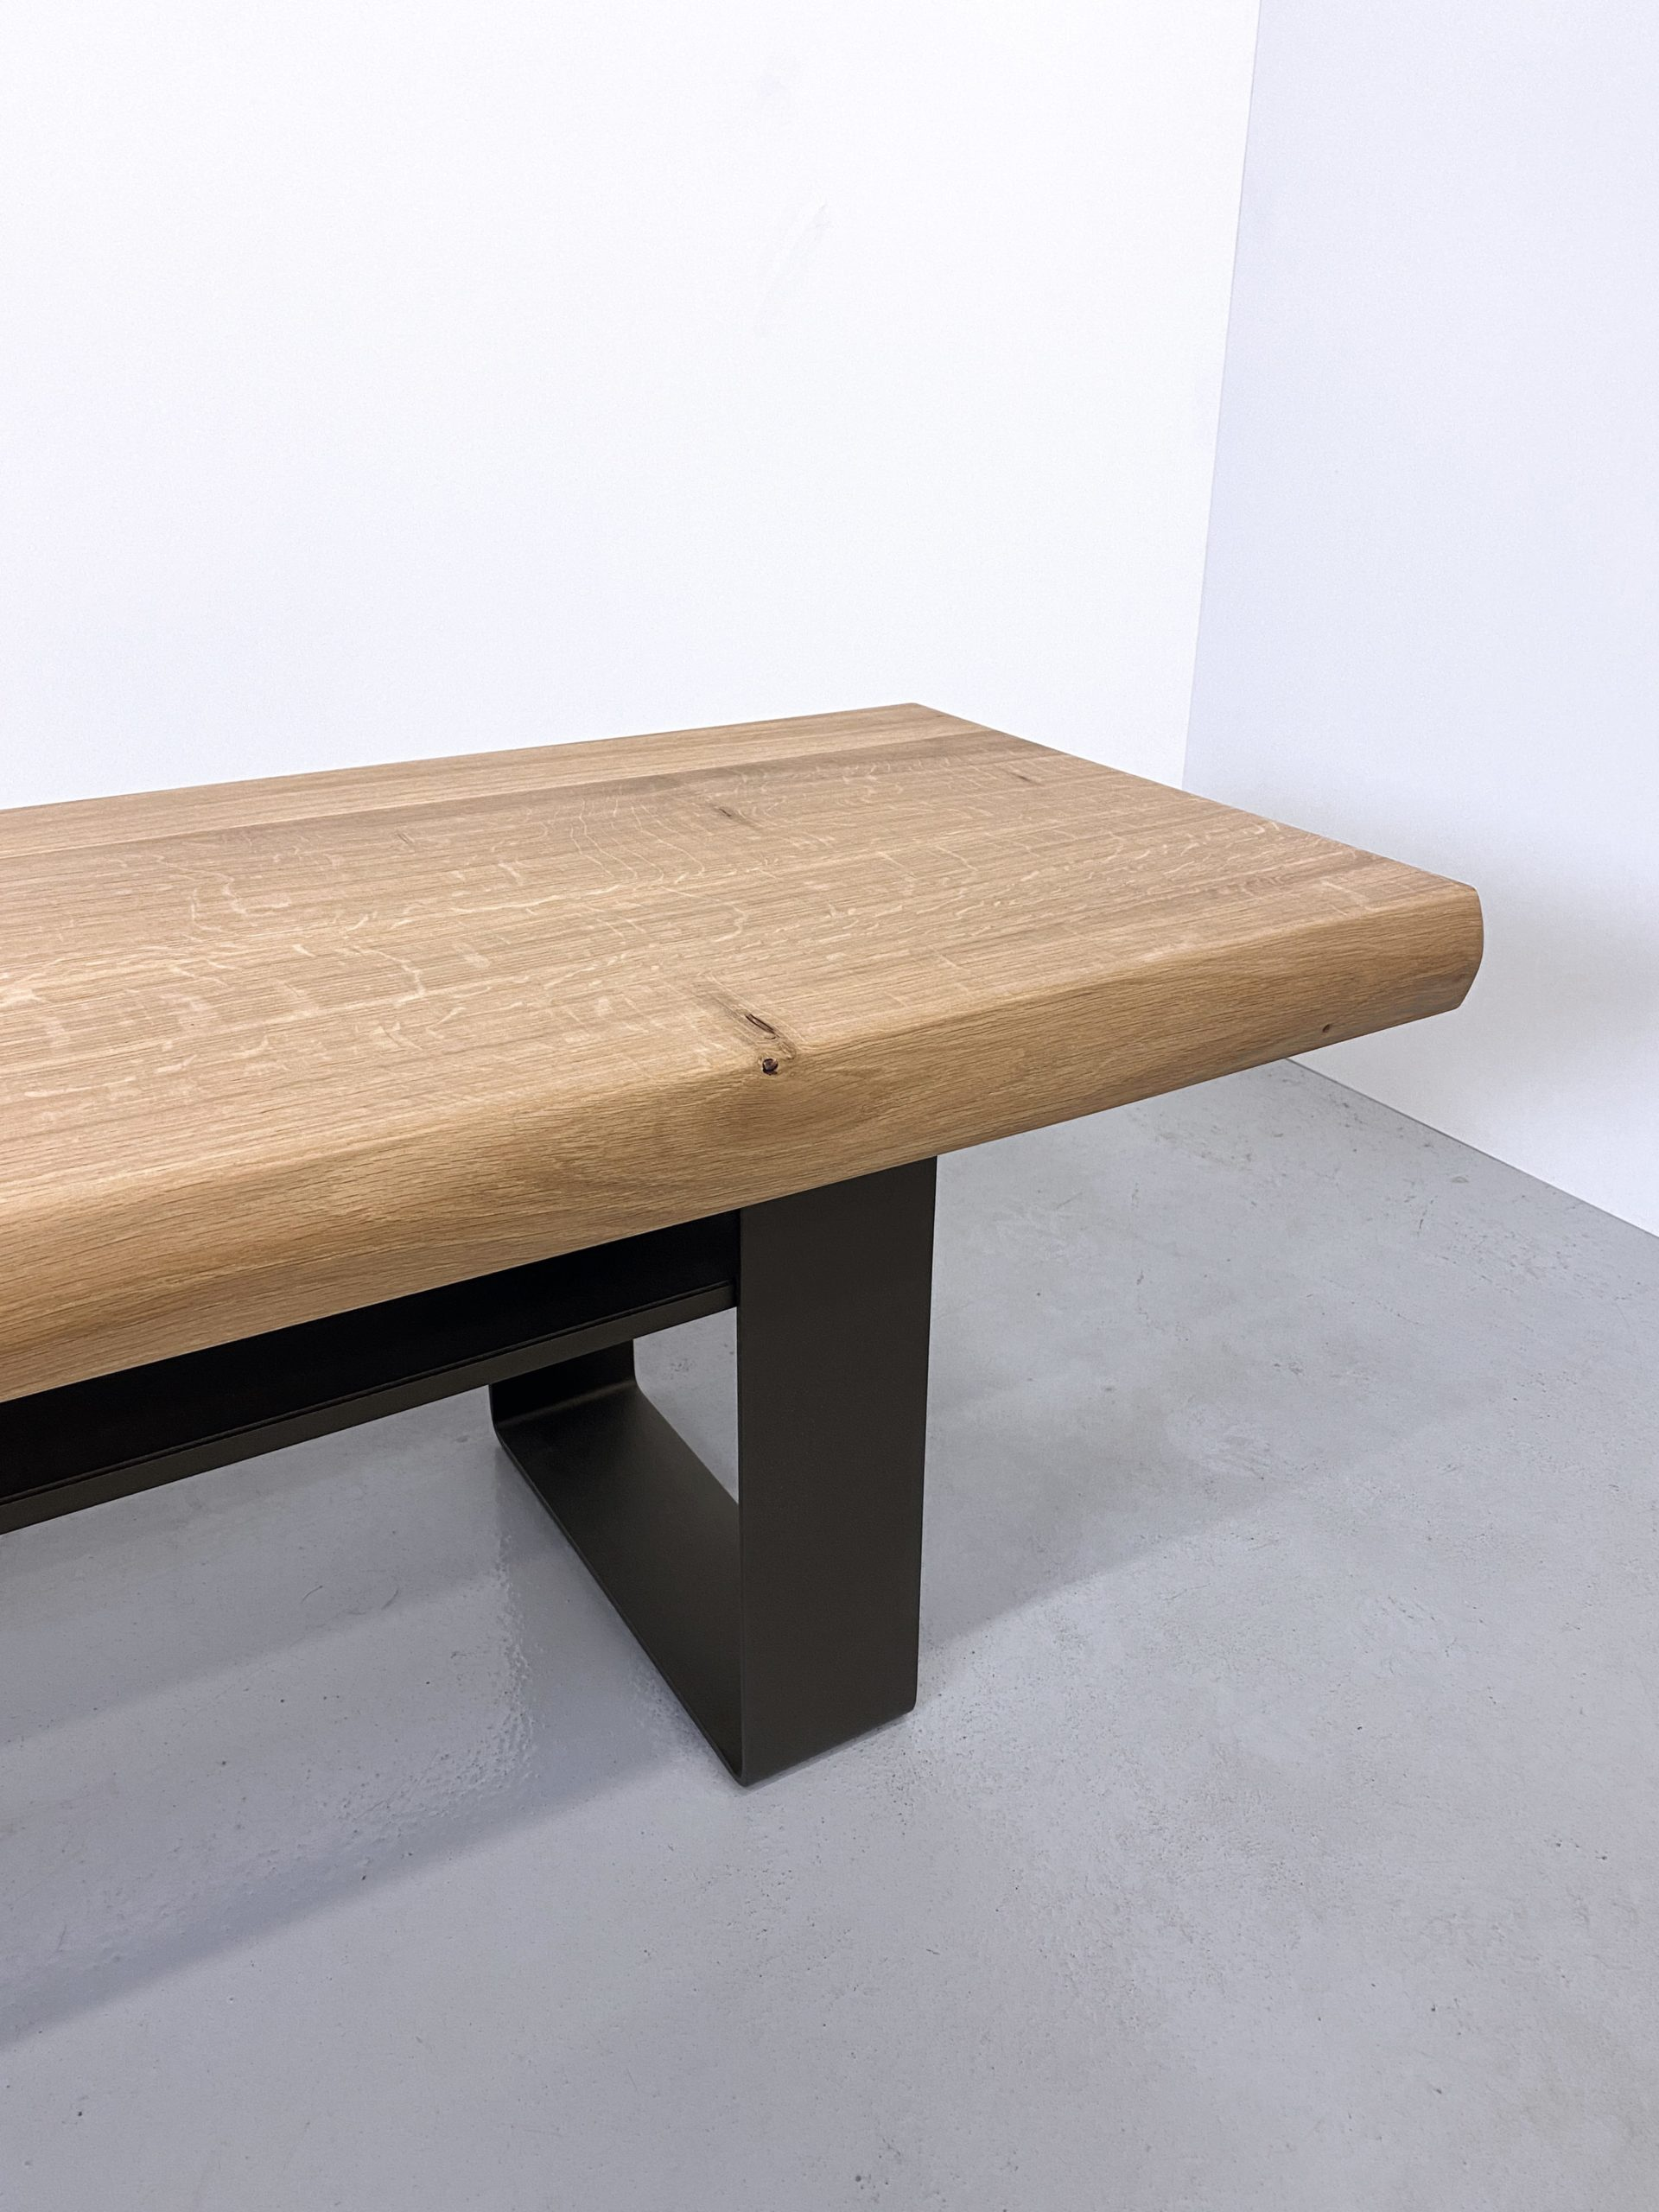 Banc tv Ruban / Acier et bois massif / mobilier sur mesure / ARTMETA